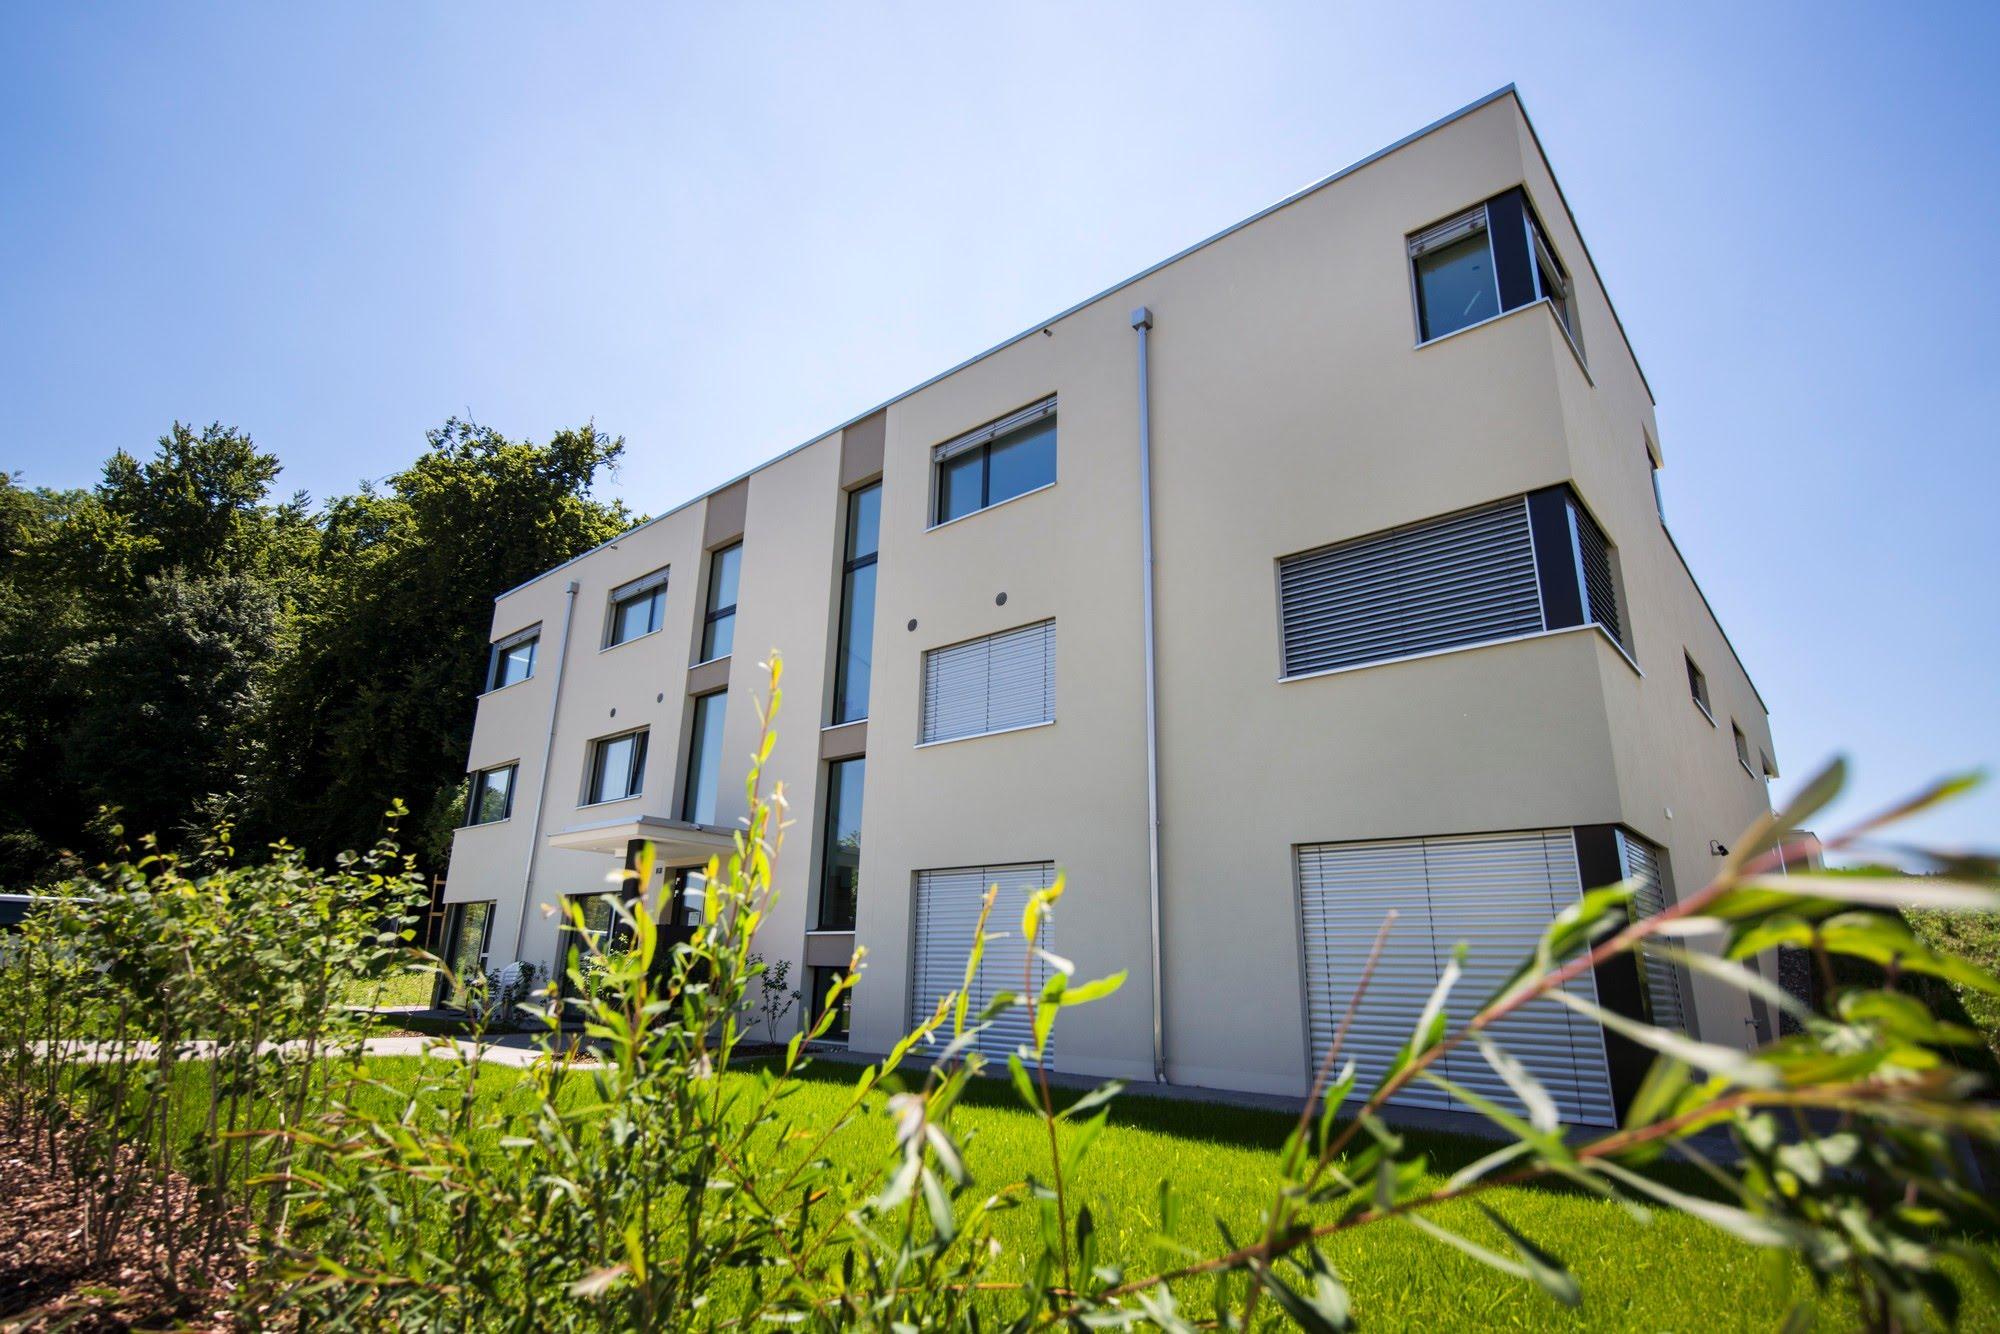 Wohnungsbau Wohnüberbauung Haselwart 25-29